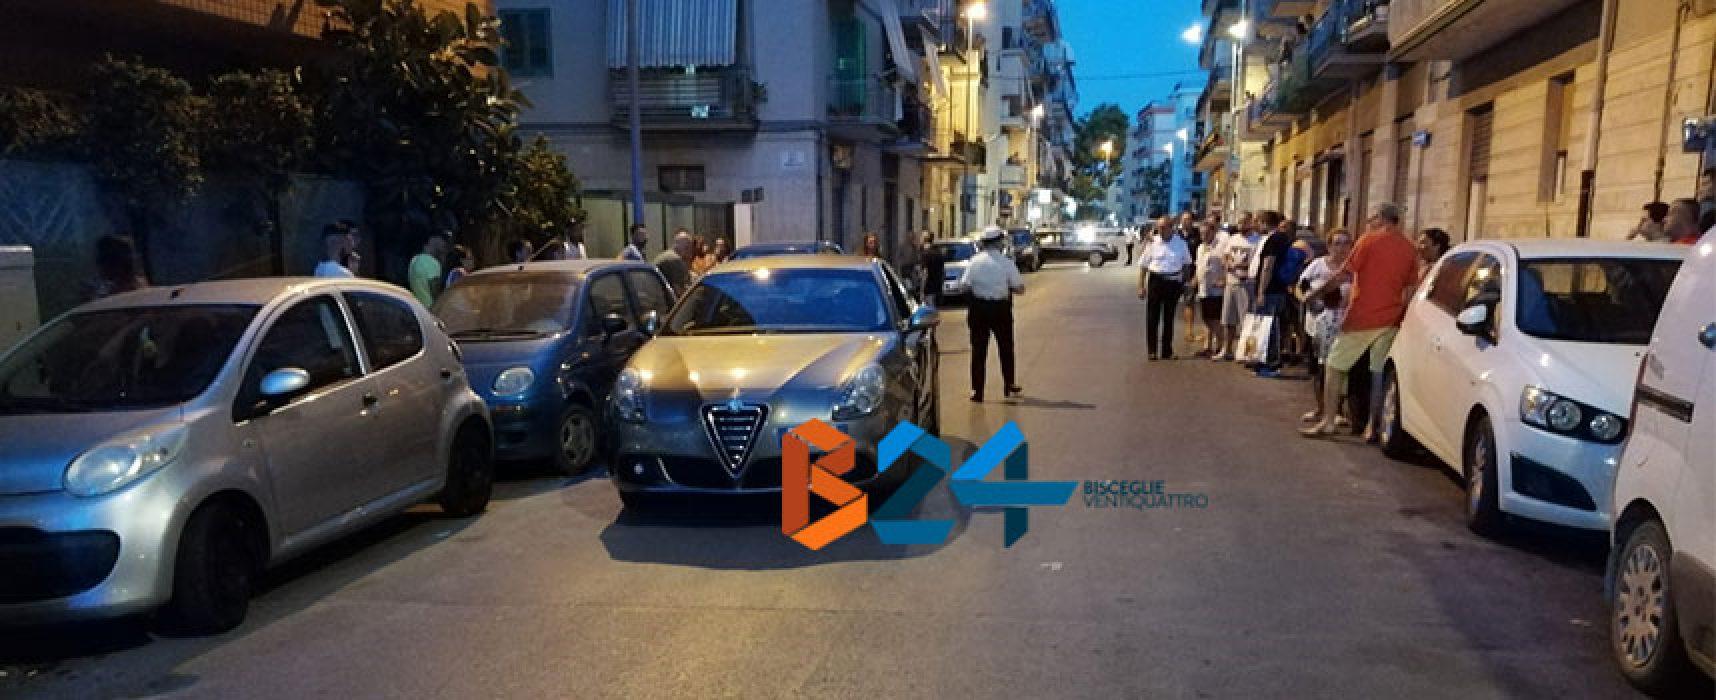 Donna investita in via Benedetto Croce, trasportata al Pronto Soccorso